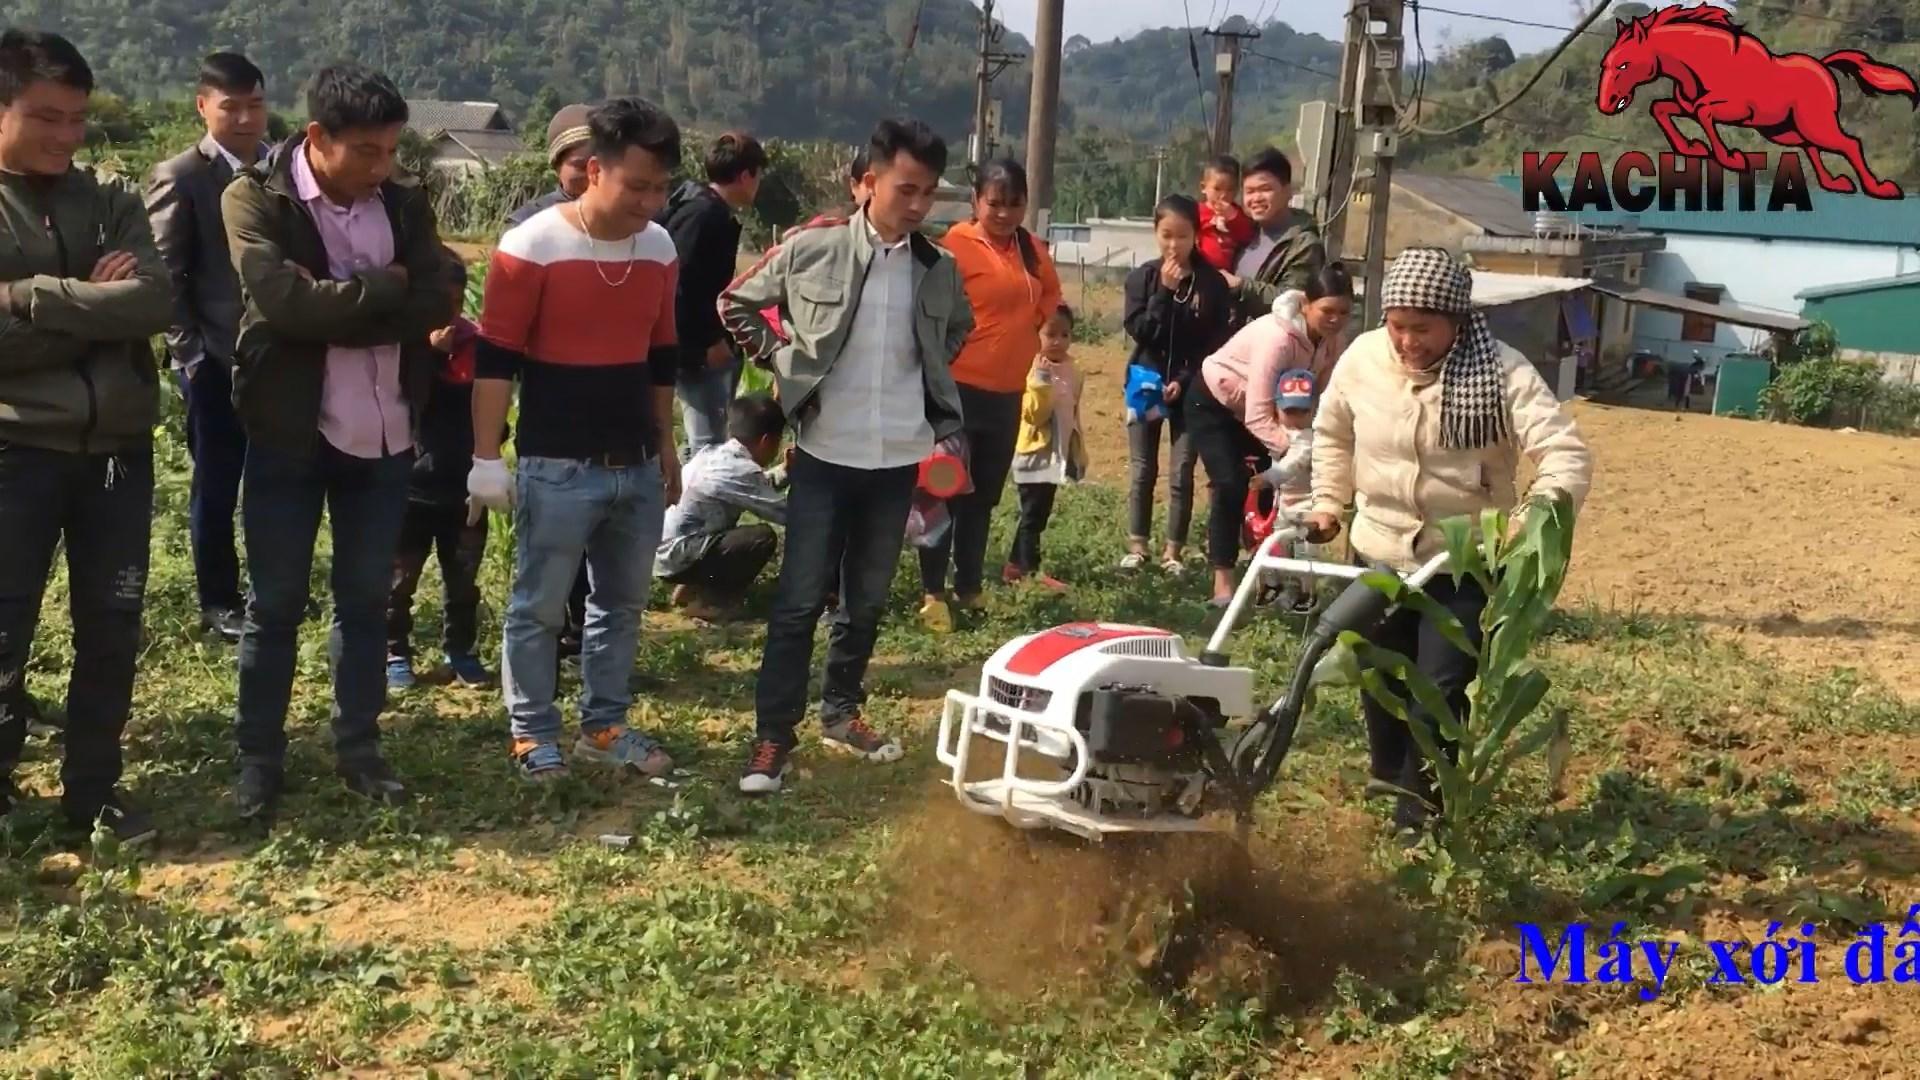 máy xới đất kachita 2wg1 canh tác trên đất đồi núi